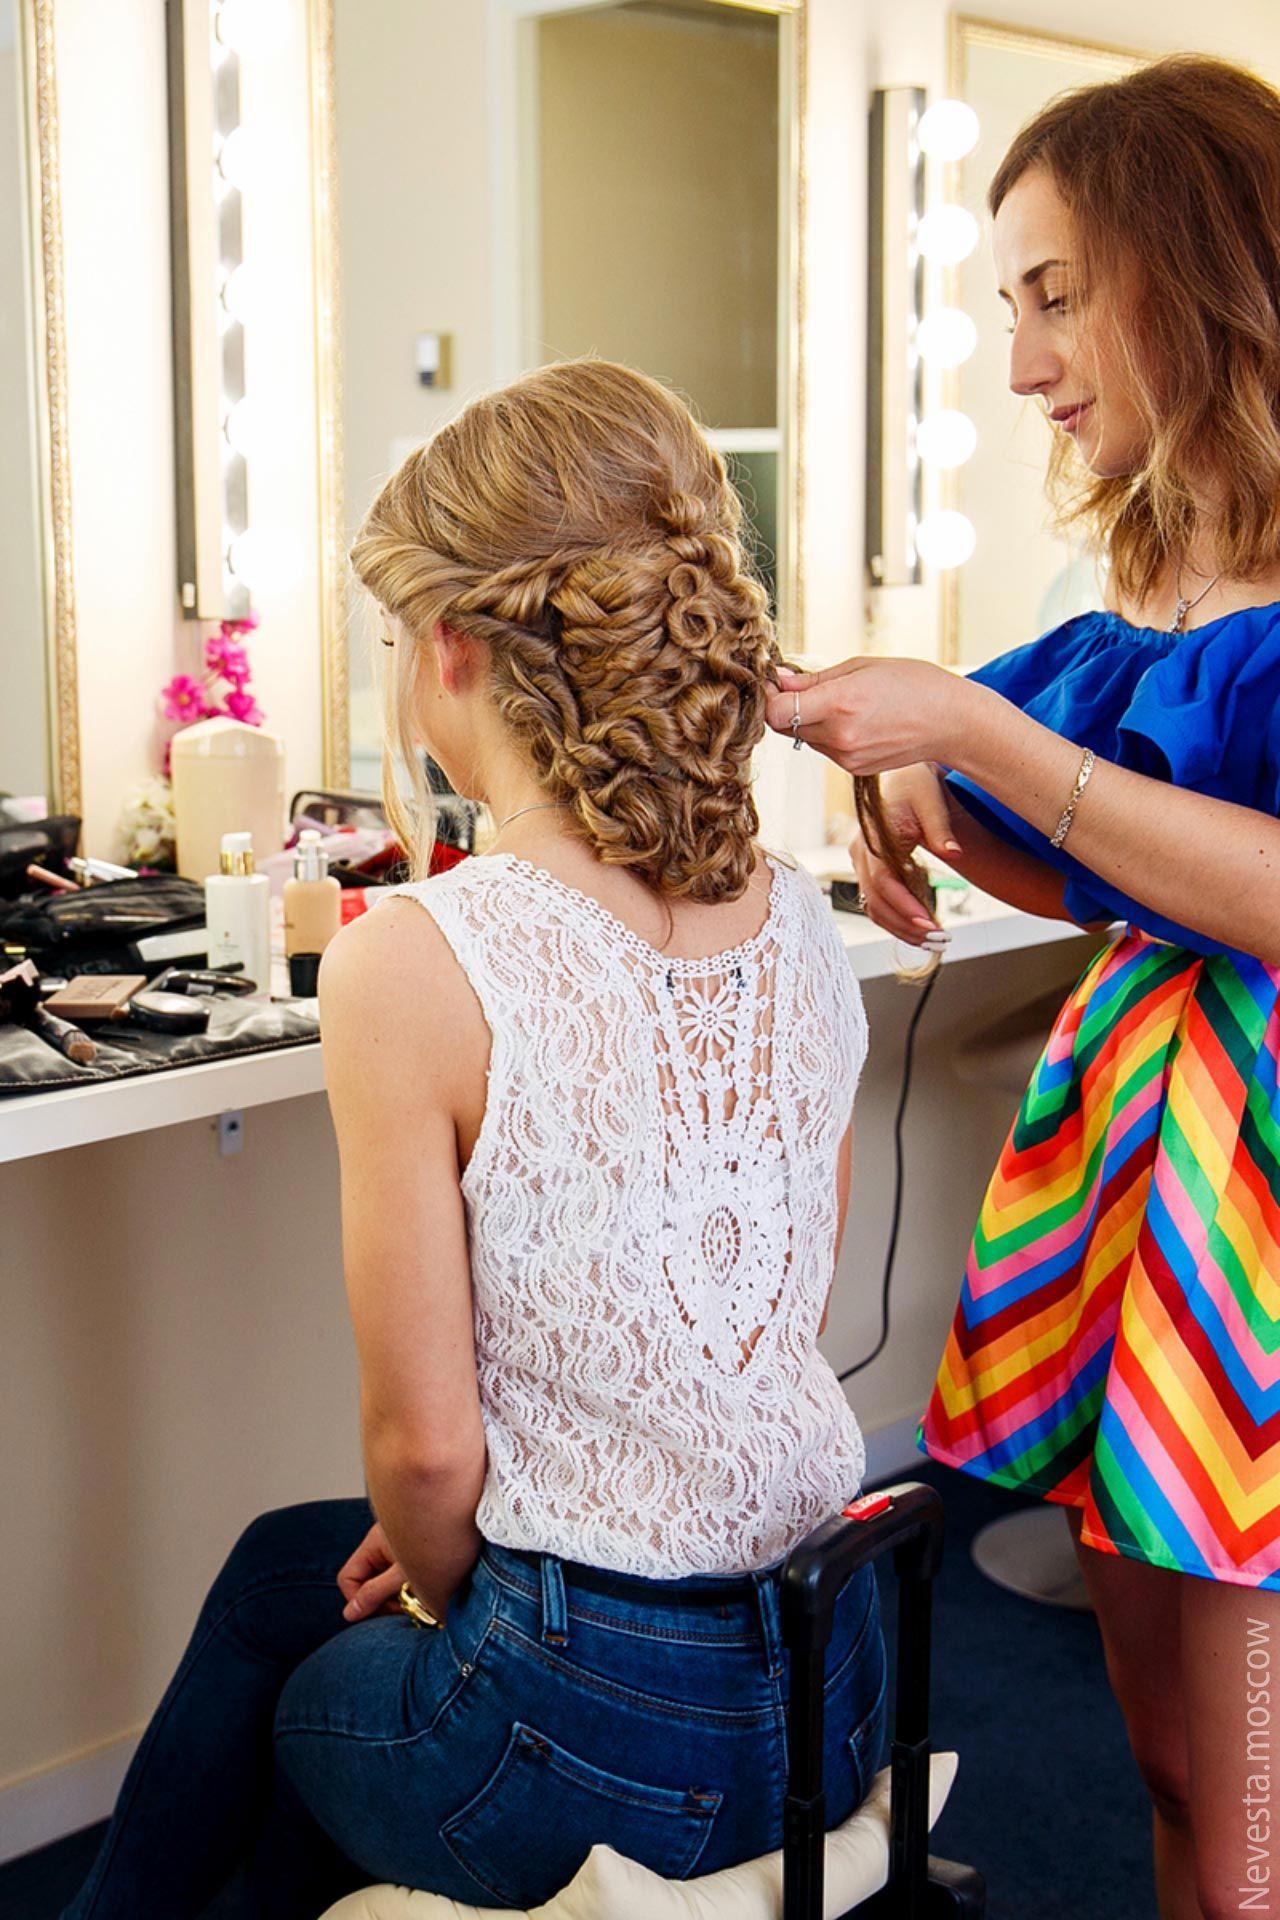 макияж и прическа на свадьбу от стилиста